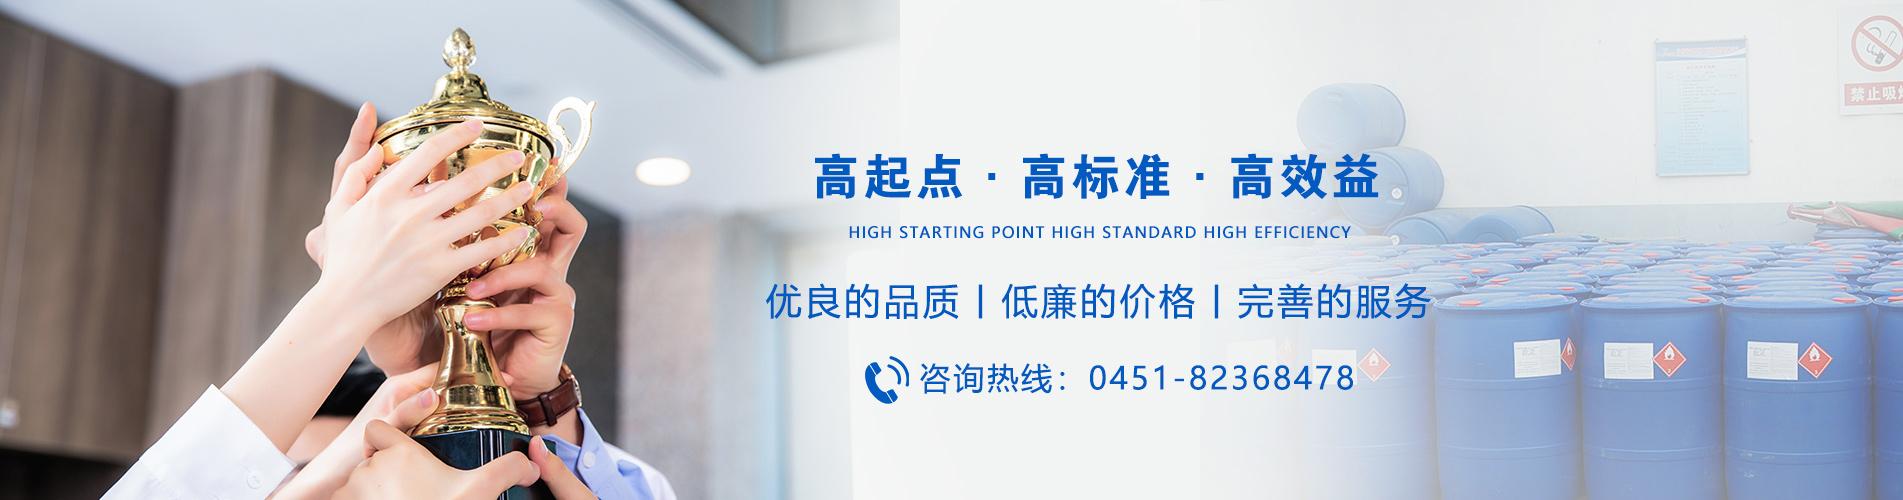 黑龙江化工公司